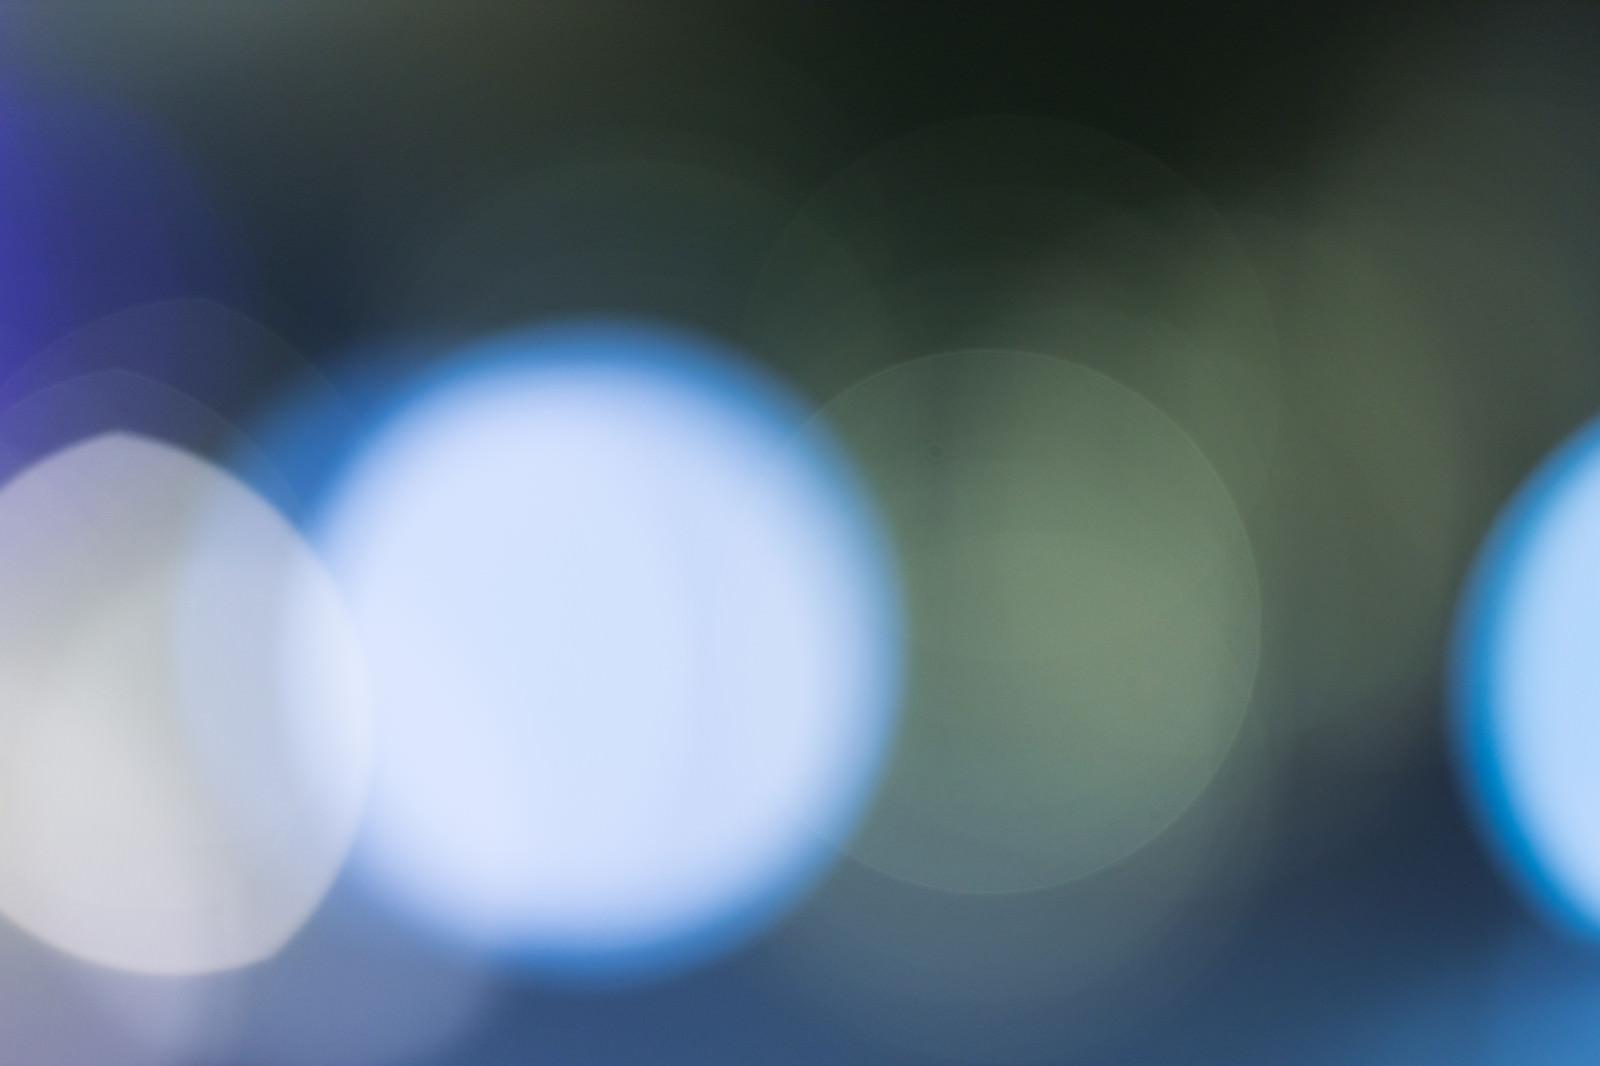 「冷たい光源」の写真